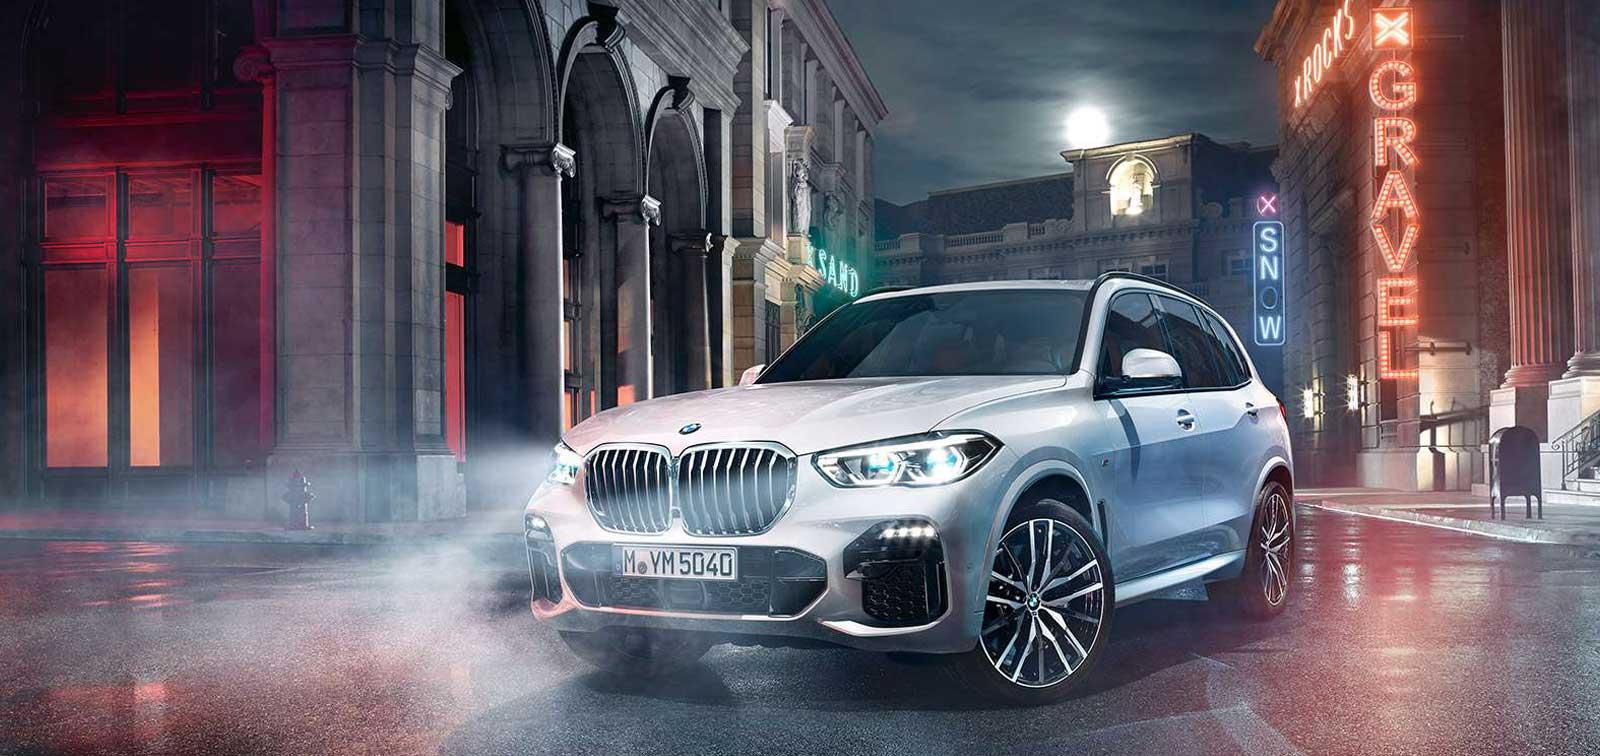 BMW Wagner Neuwagen BMW X5